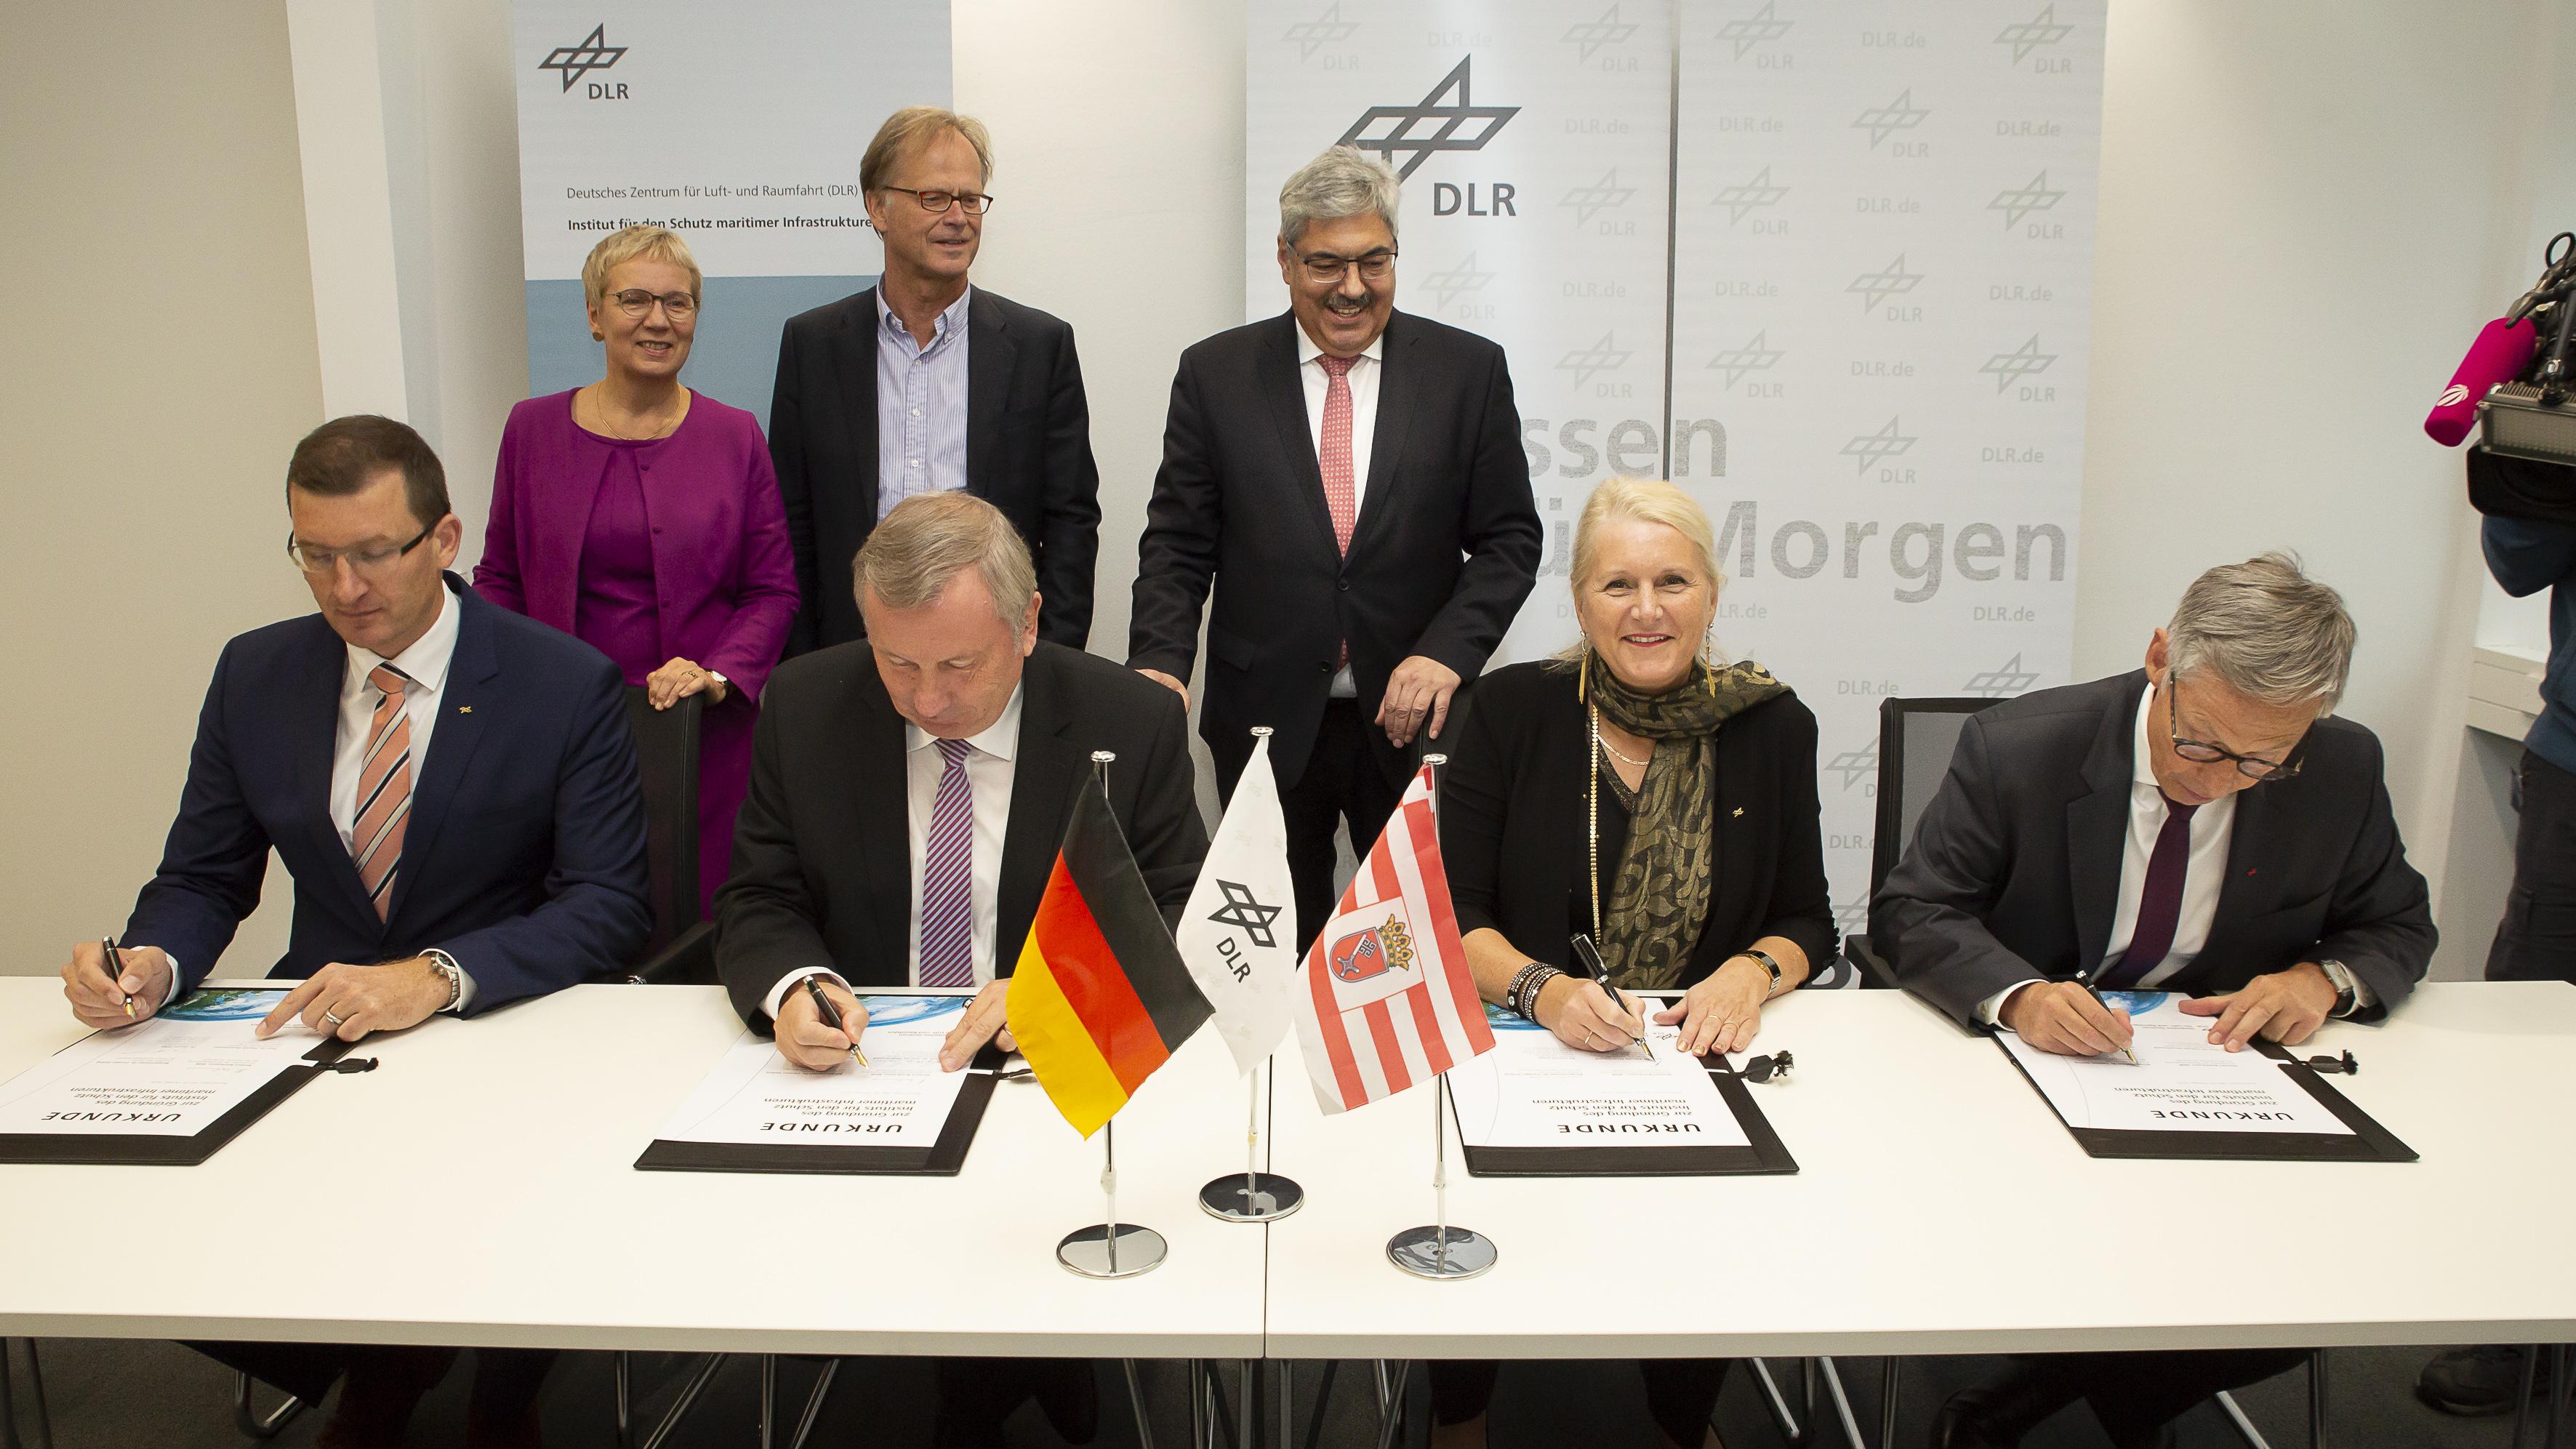 Vier Personen beim unterzeichnen von Unterlagen; dahinter stehen drei weitere Personen